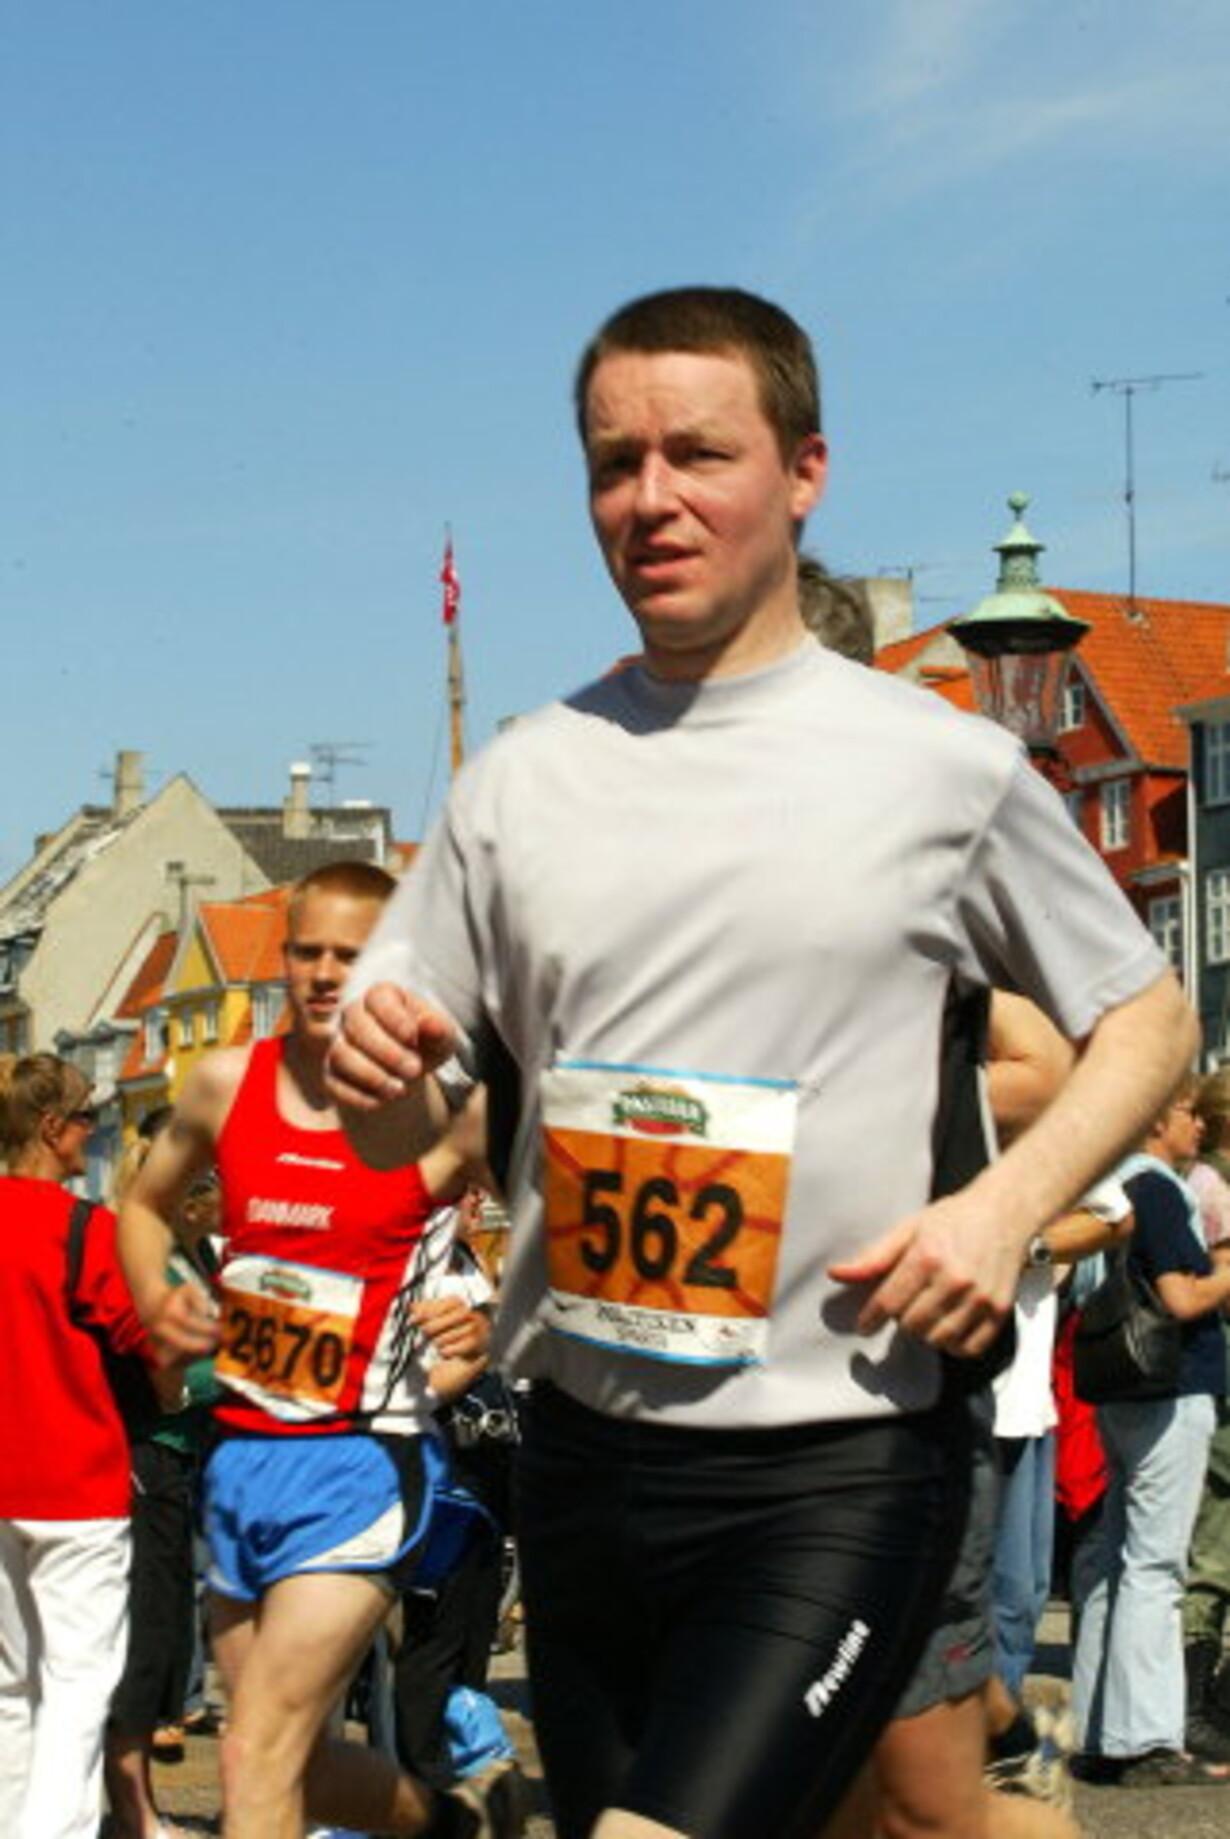 Maratonmanden - 1